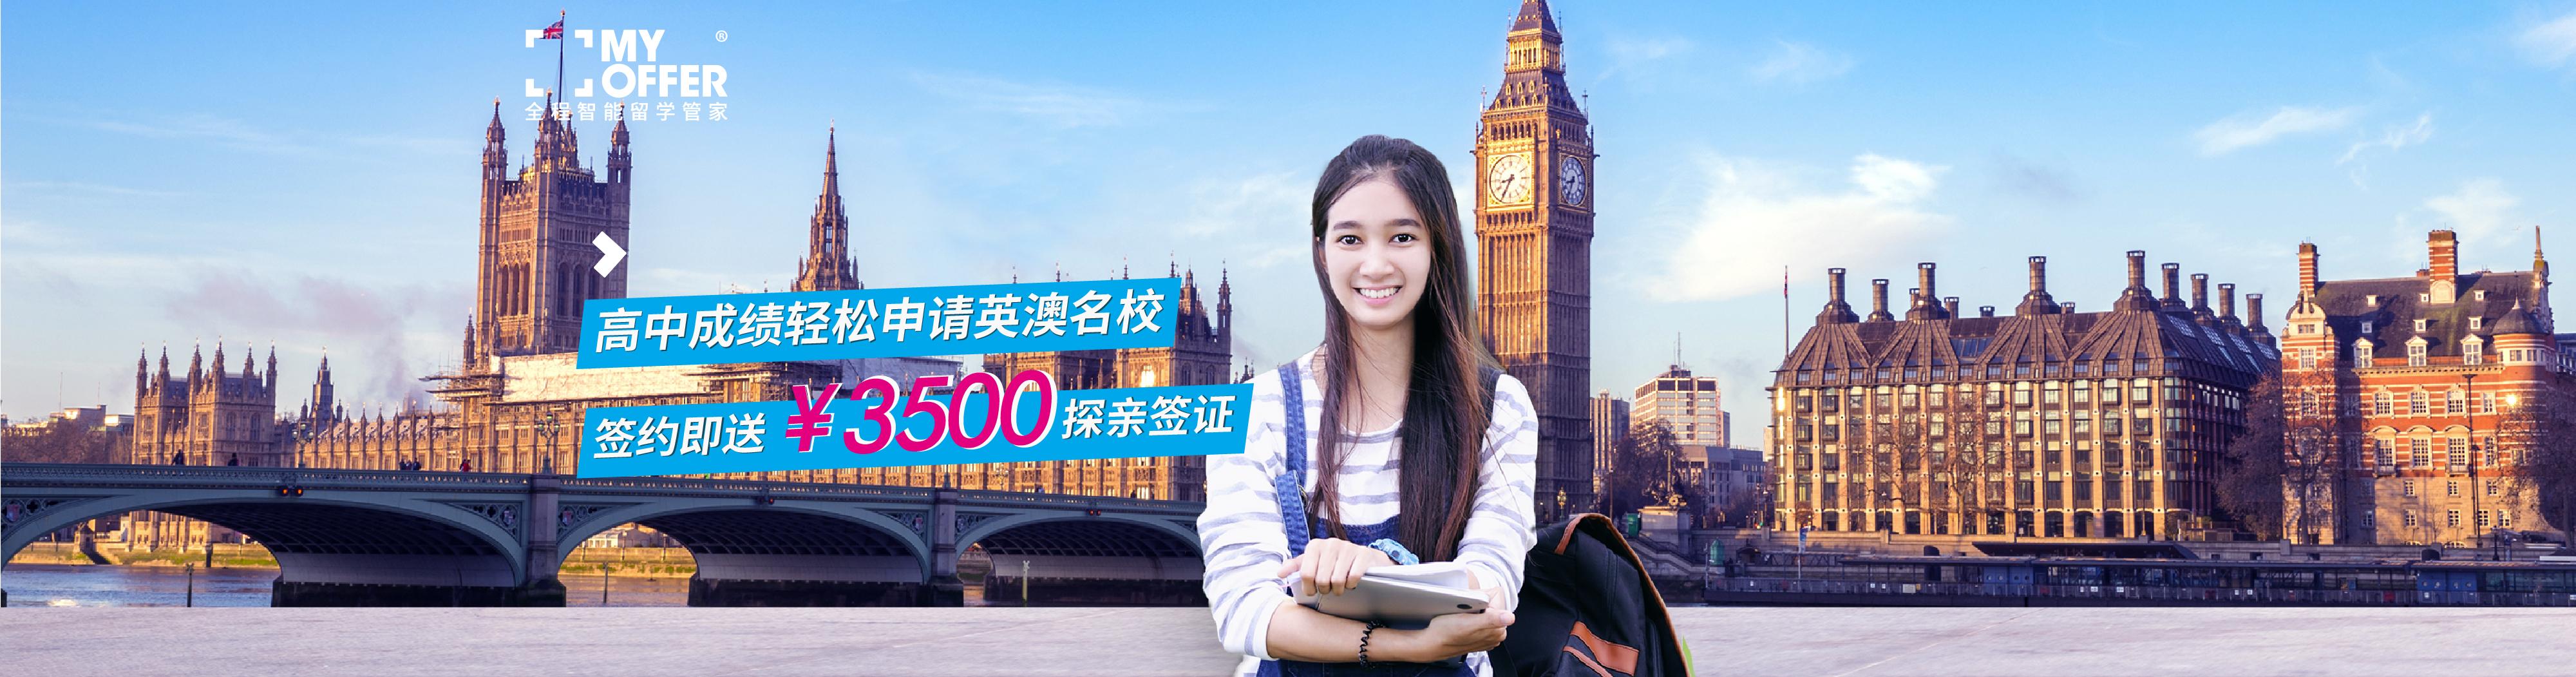 http://myoffer-public.oss-cn-shenzhen.aliyuncs.com/banners/50813f7685054b1e9206e45df606cfd8-3184886-4000x1051.jpeg